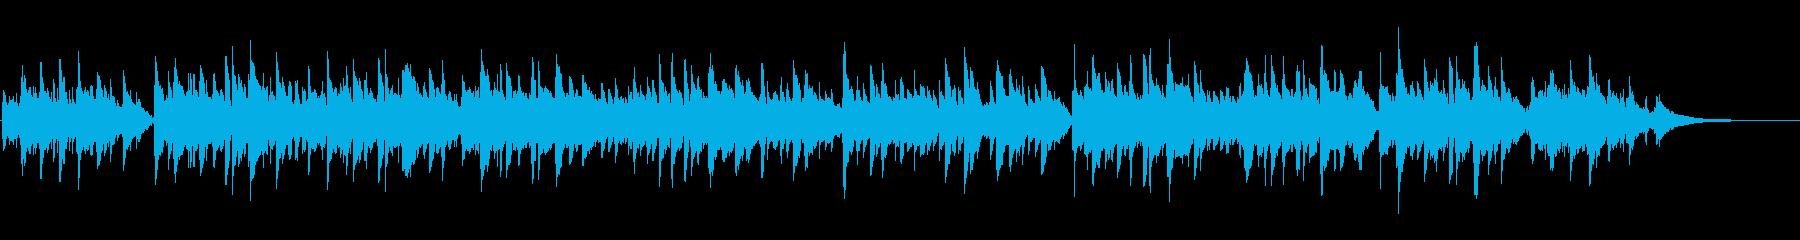 生演奏ガットギターによる小ワルツの再生済みの波形